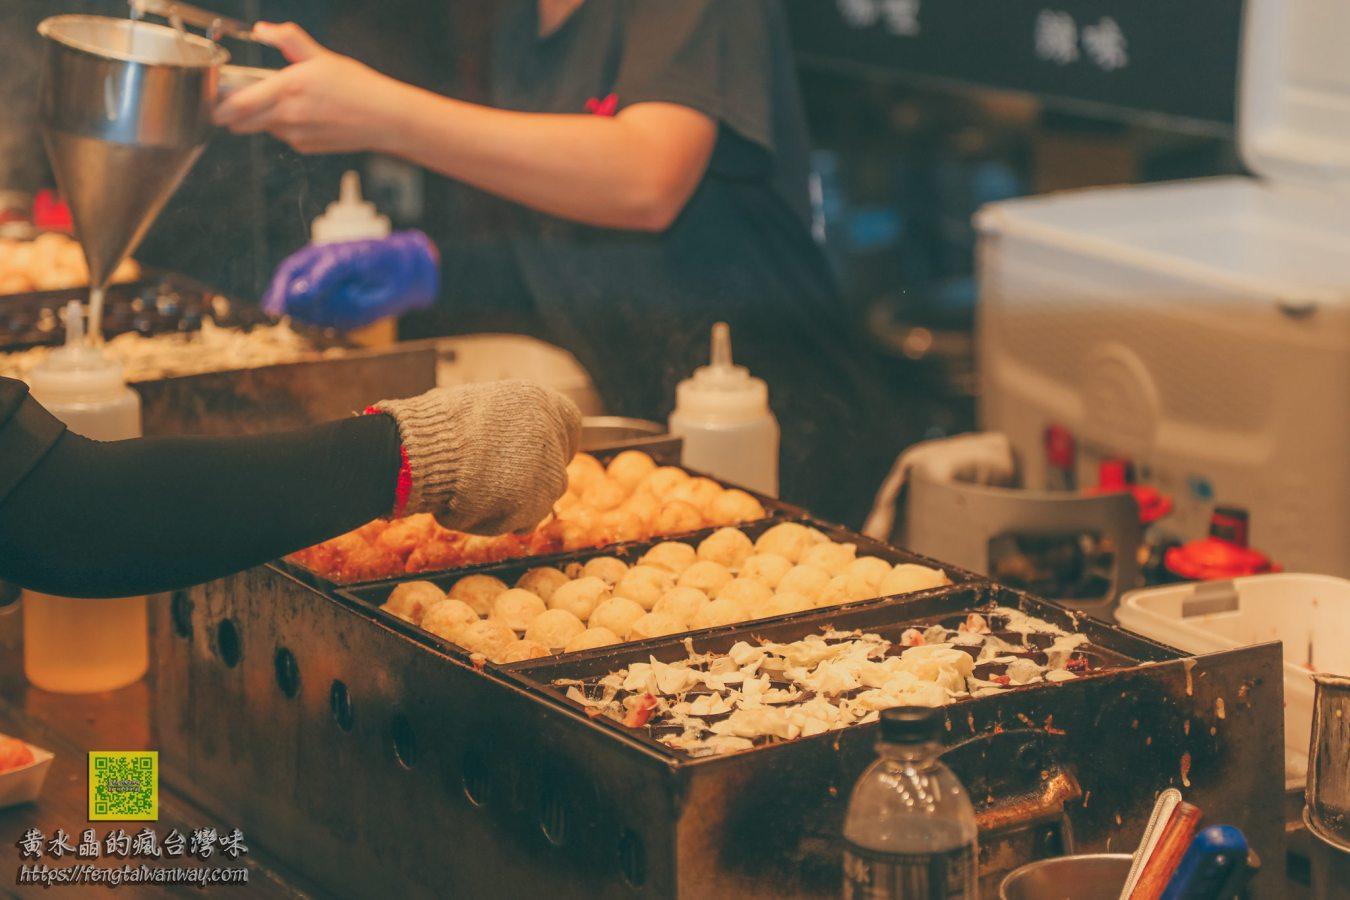 墨醬章魚燒【屏東美食】|周日限定恆春夜市超大攤的高人氣排隊章魚燒 @黃水晶的瘋台灣味